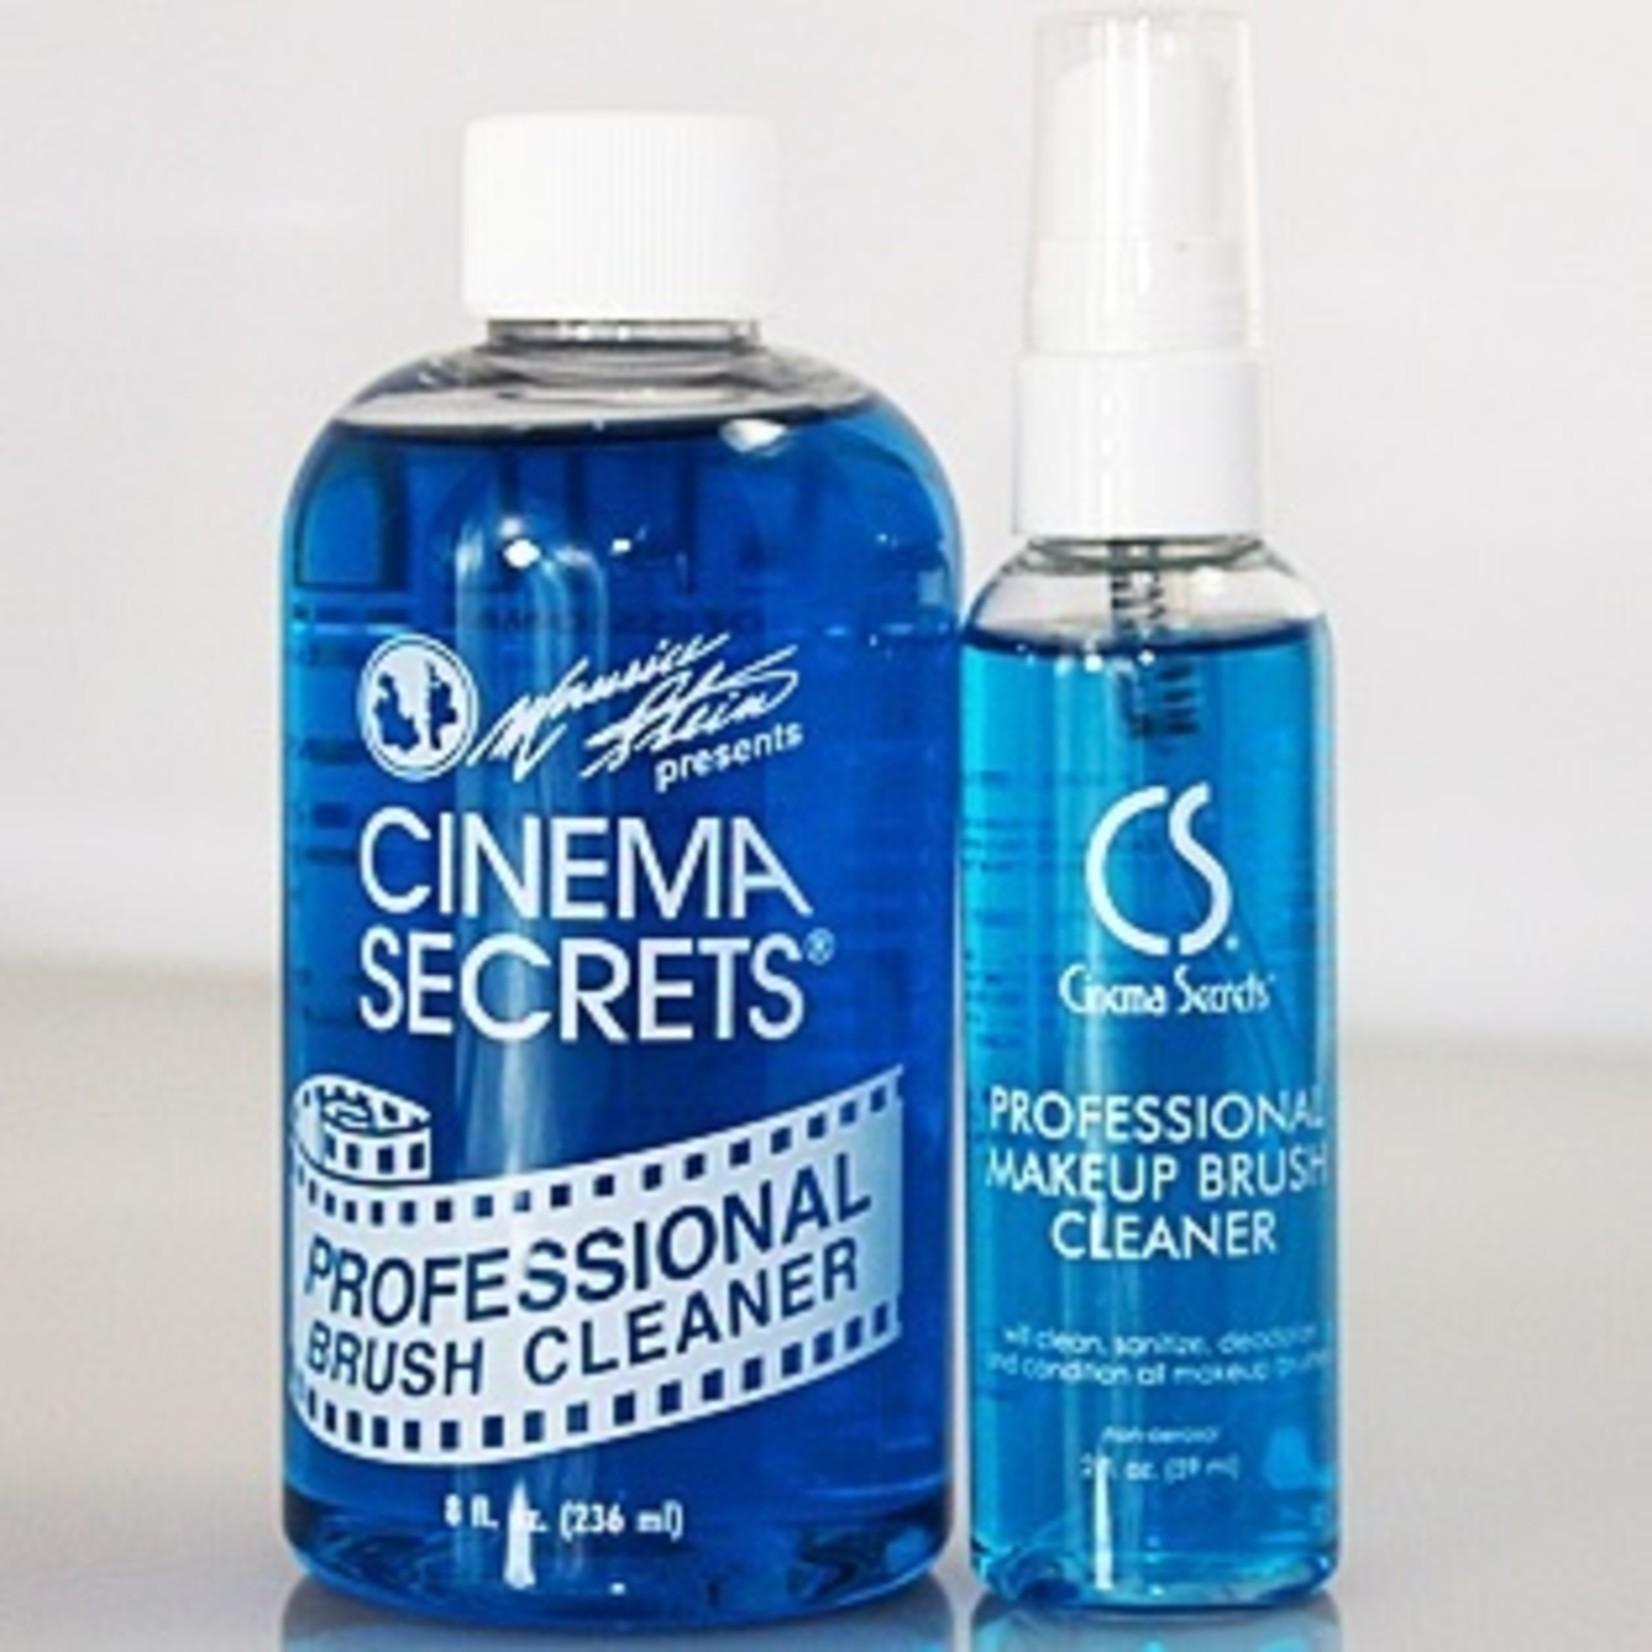 Cinema Secrets Brush Cleaner